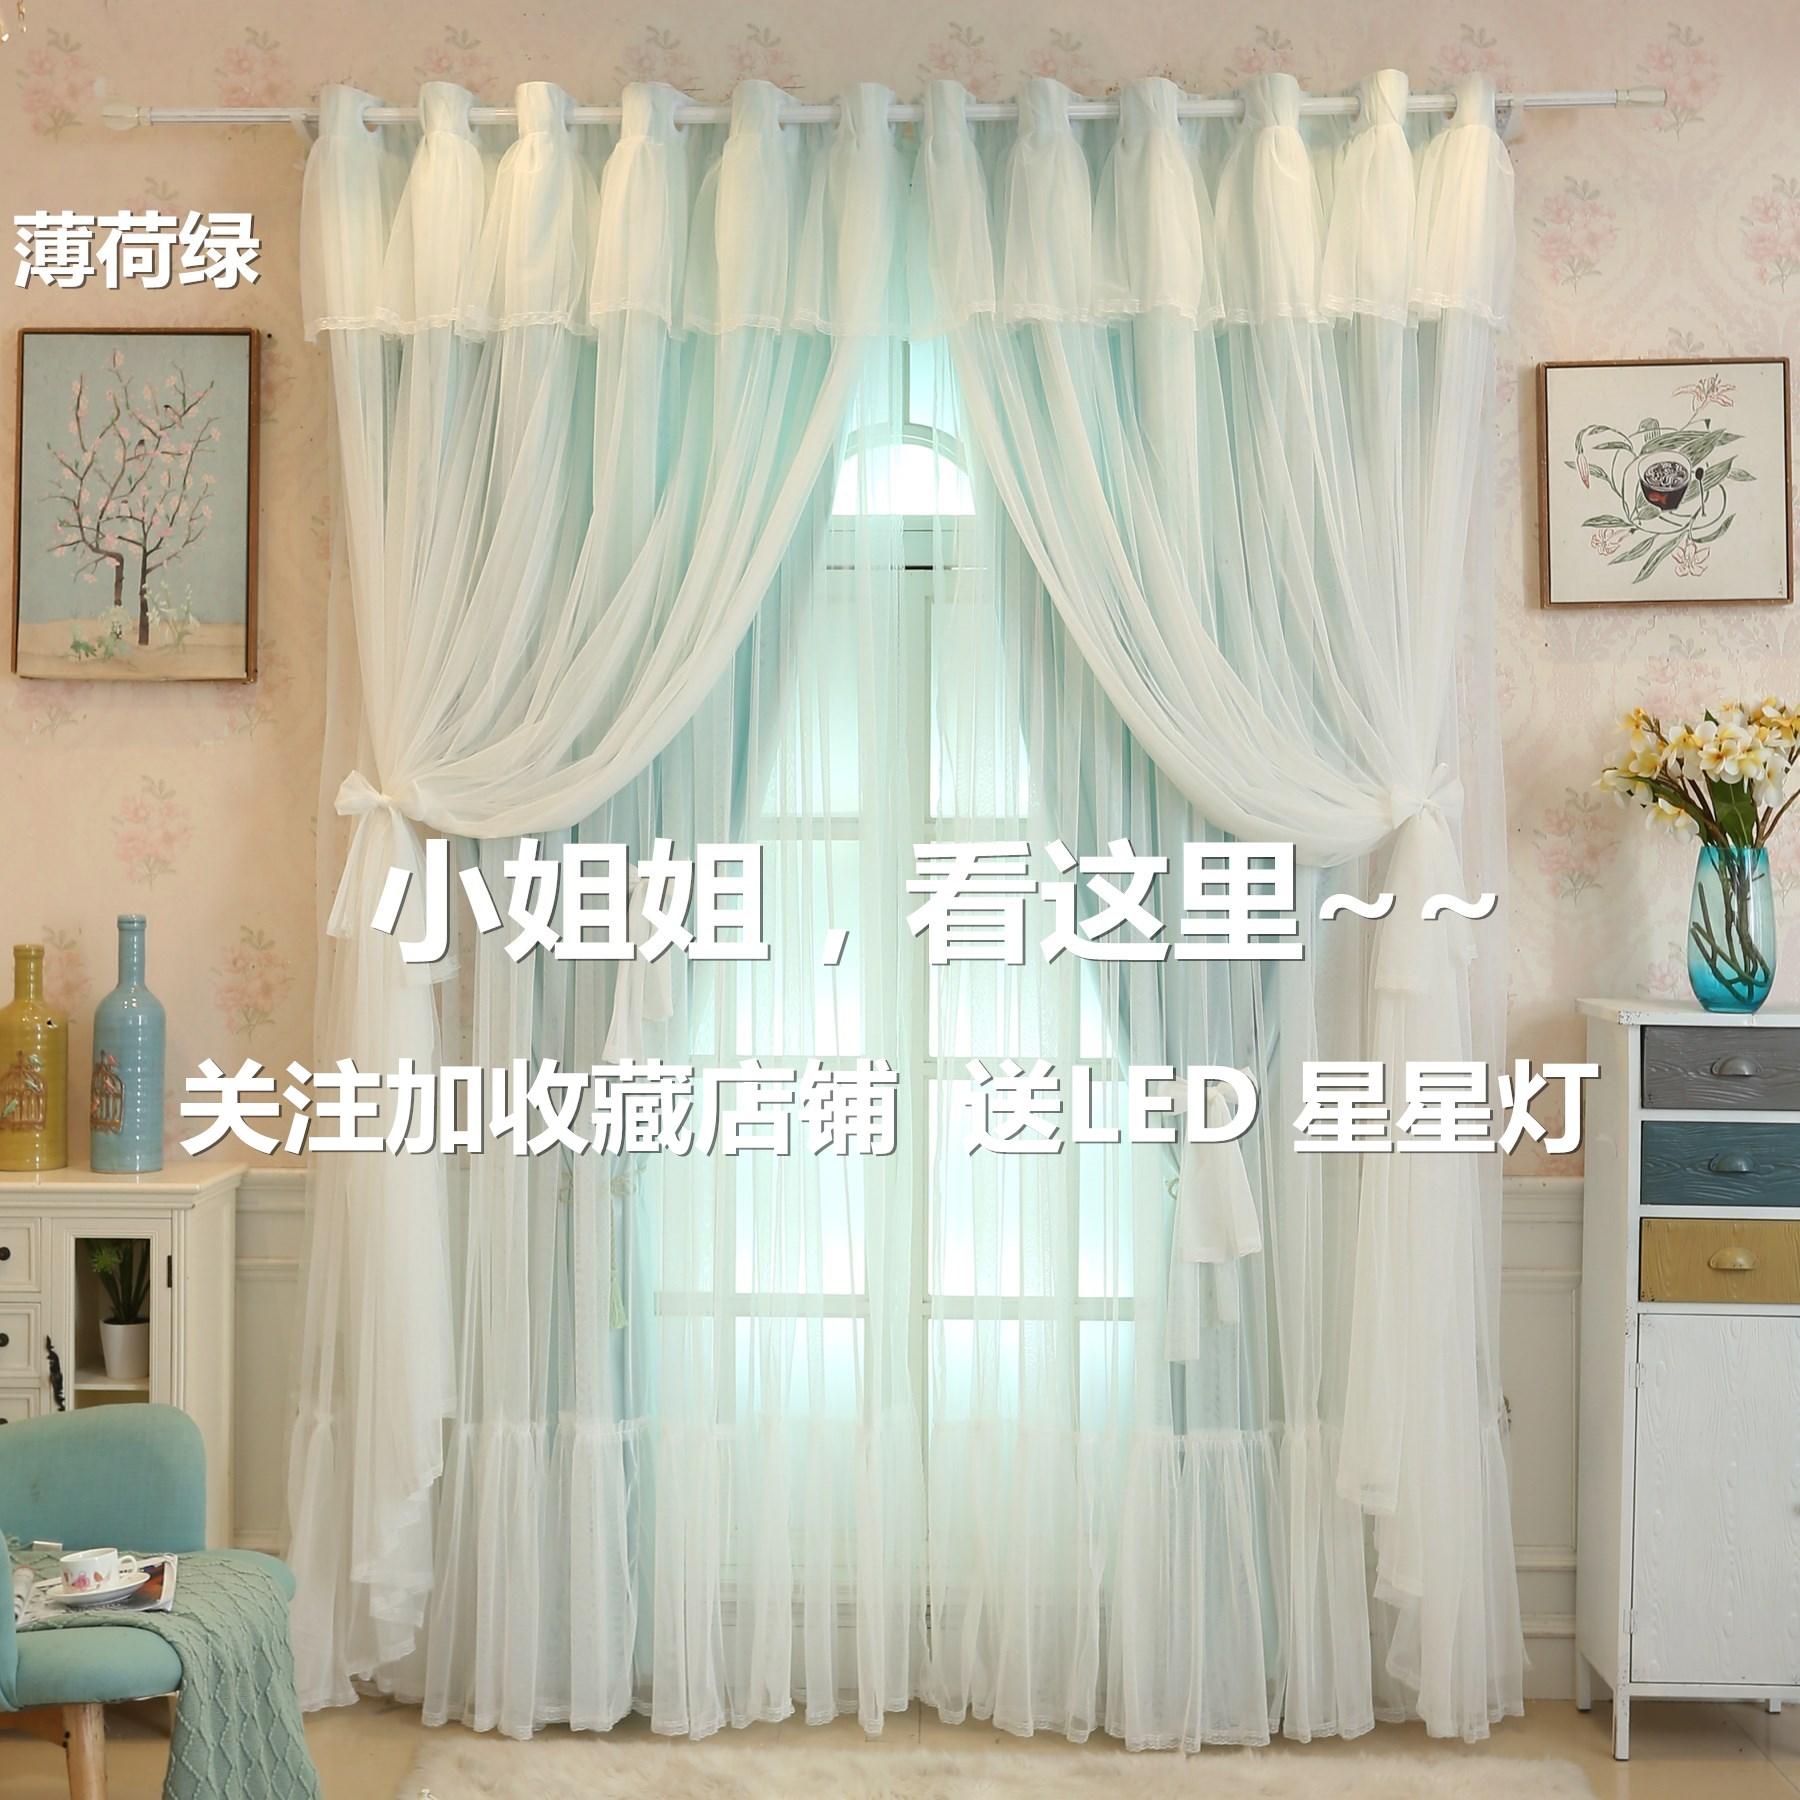 成品 窗帘 蕾丝 韩式